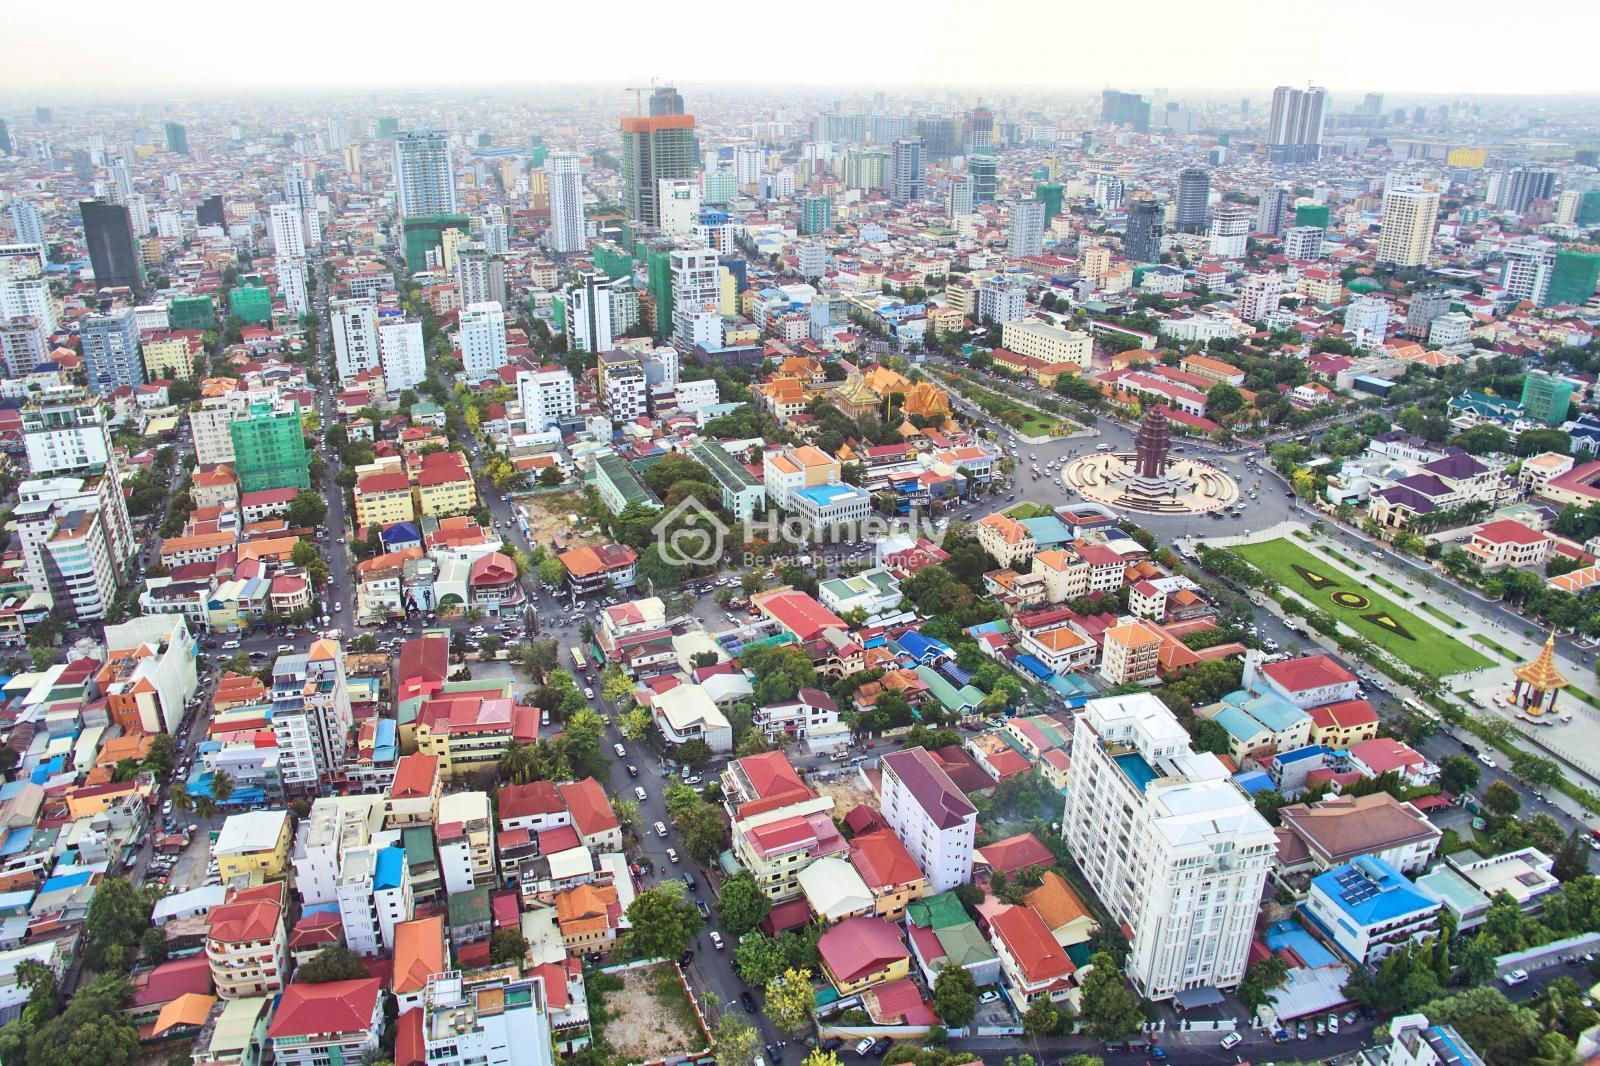 Mức thuế BĐS tại Campuchia chỉ là 0.01% giá trị thẩm định